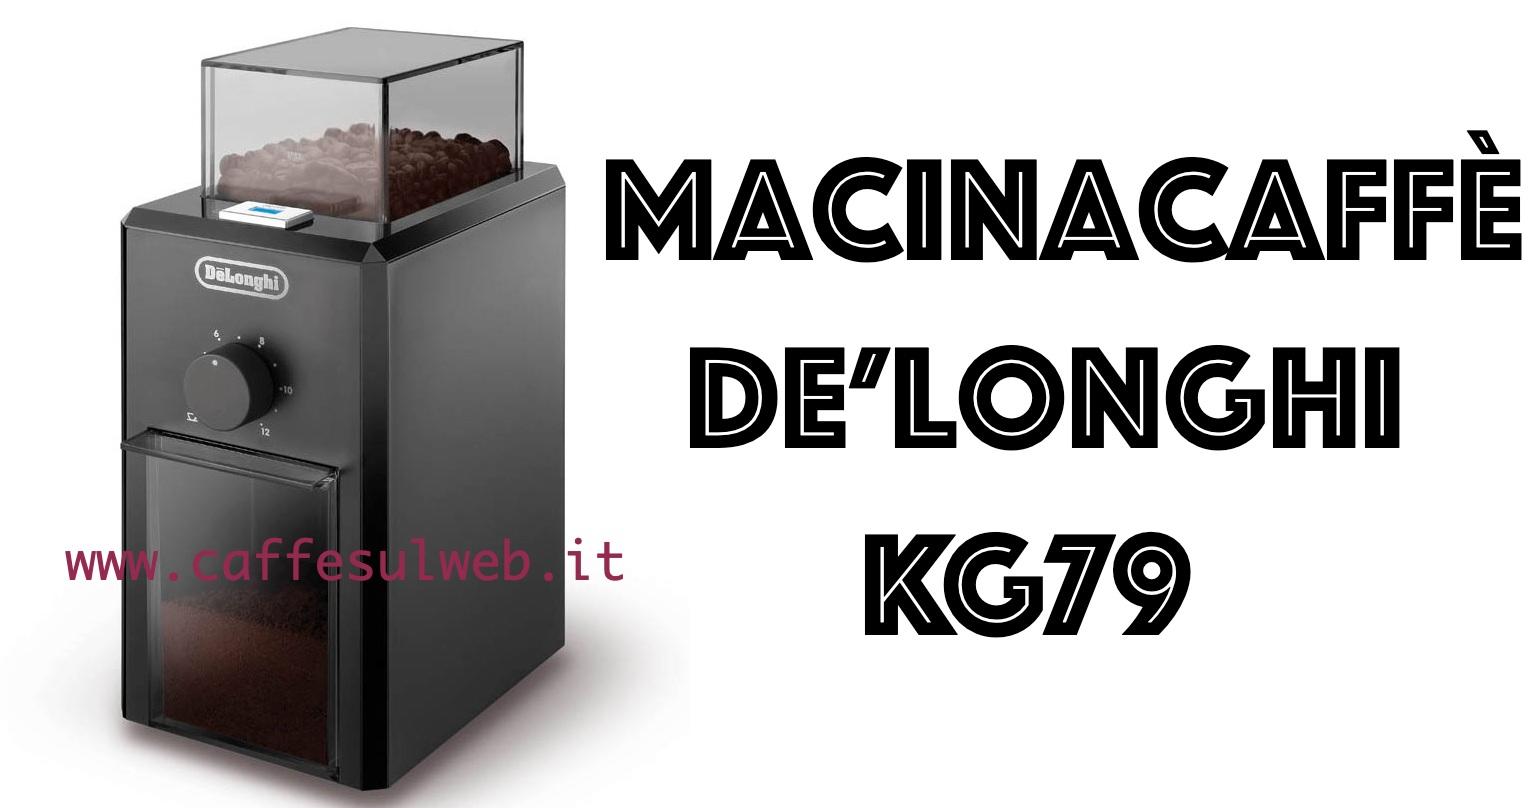 Macinacaffe De Longhi KG79 Recensioni Opinione Prezzo